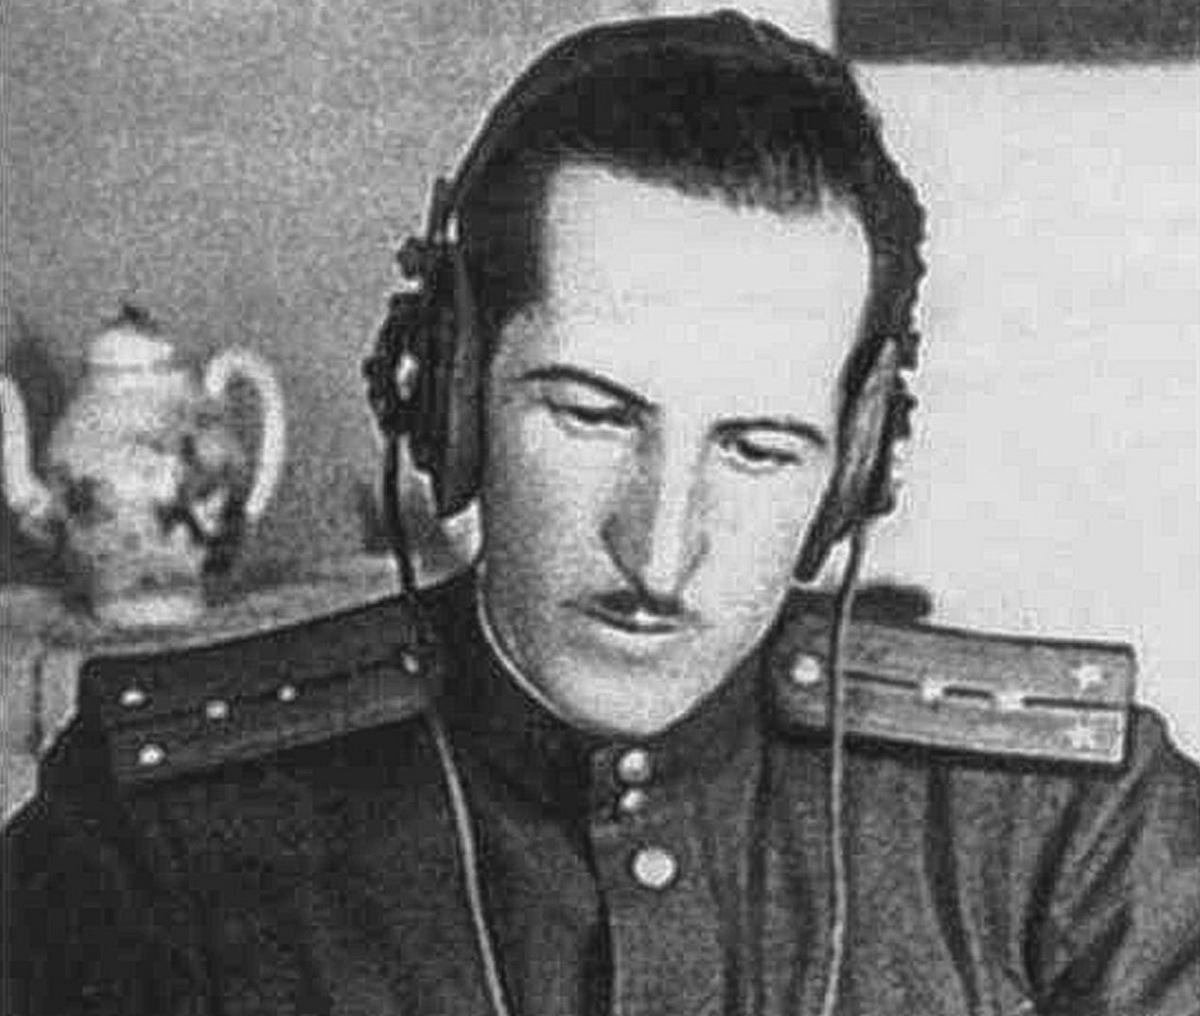 Điệp viên Demyanov vận hành điện đài. Ảnh: BQP Nga.